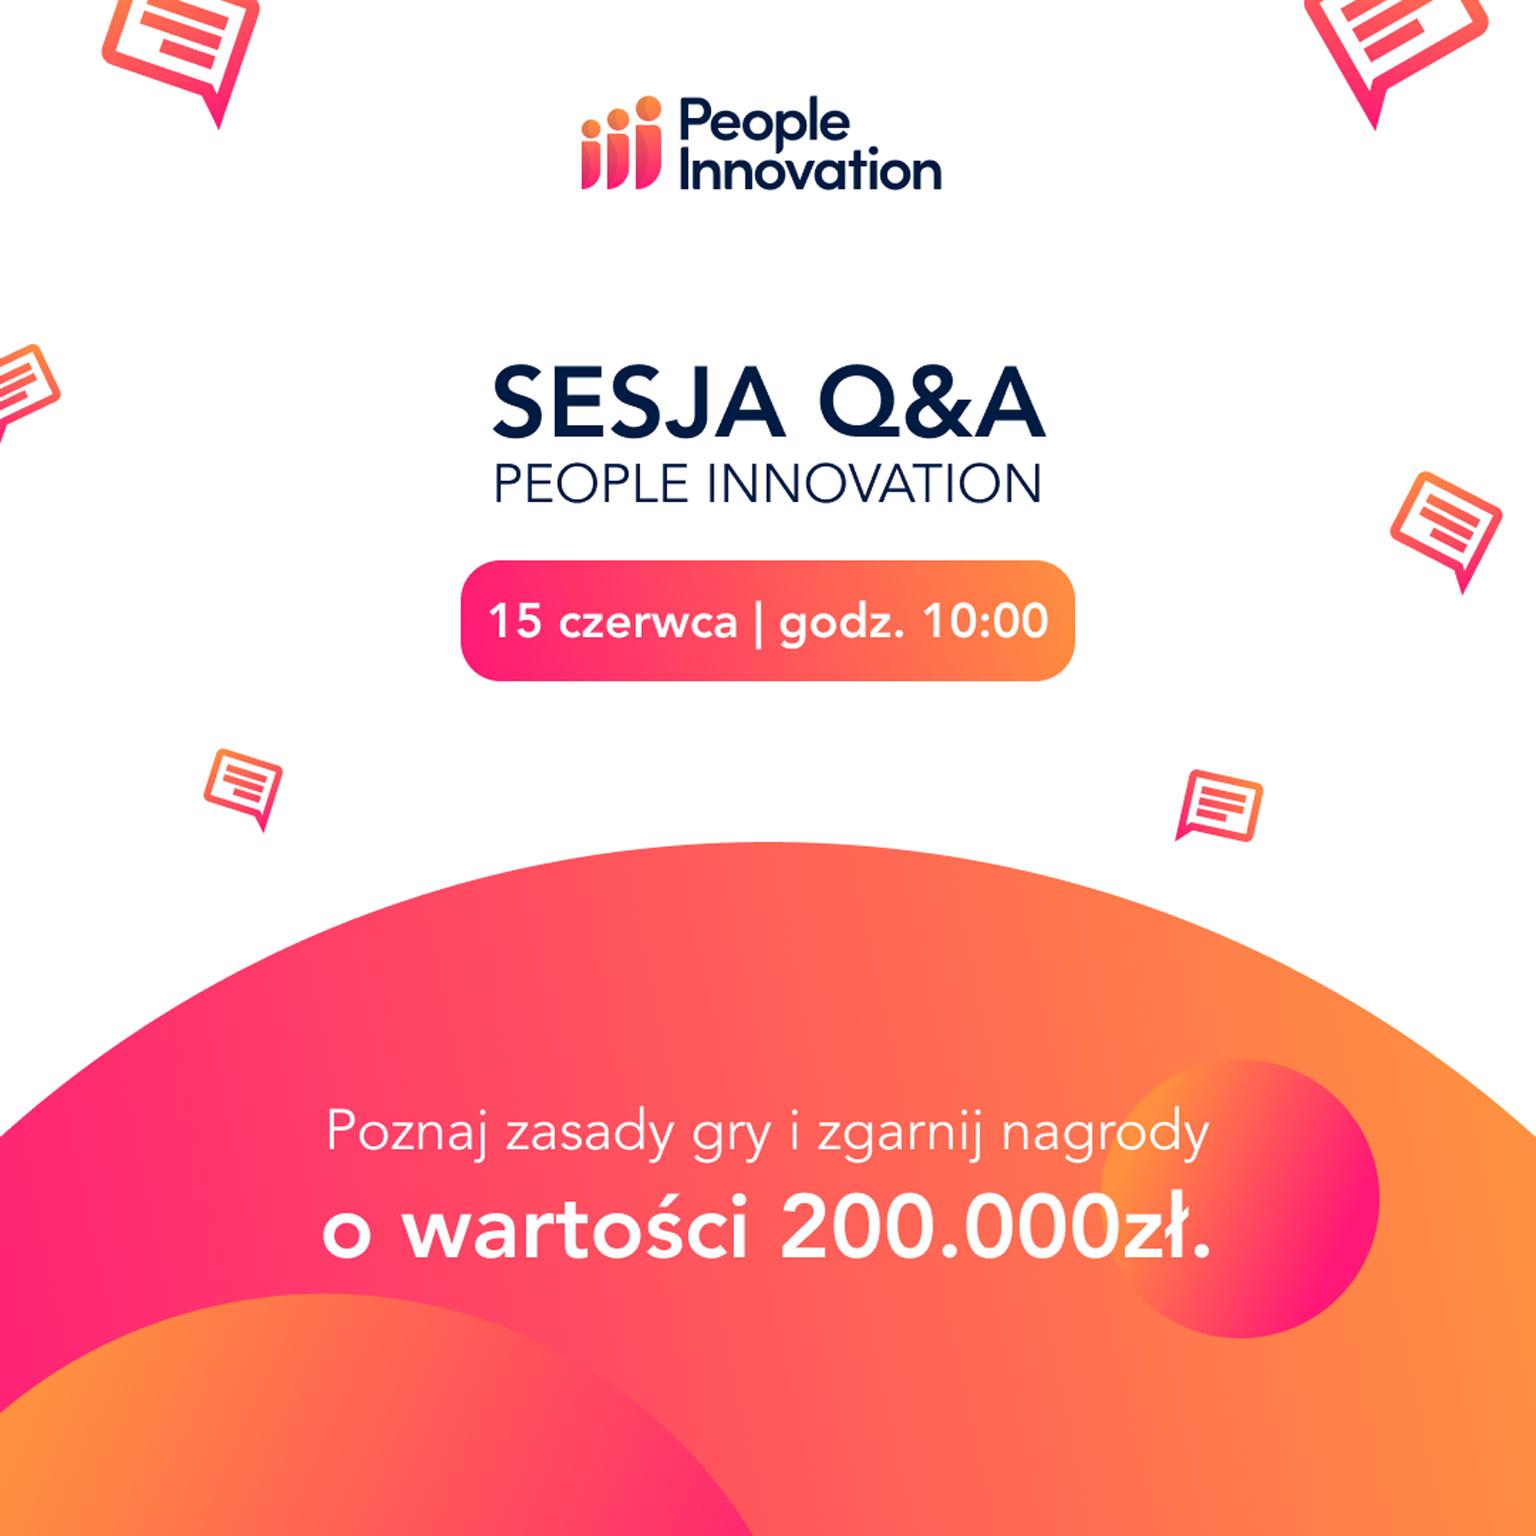 Sesja QA People Innovation